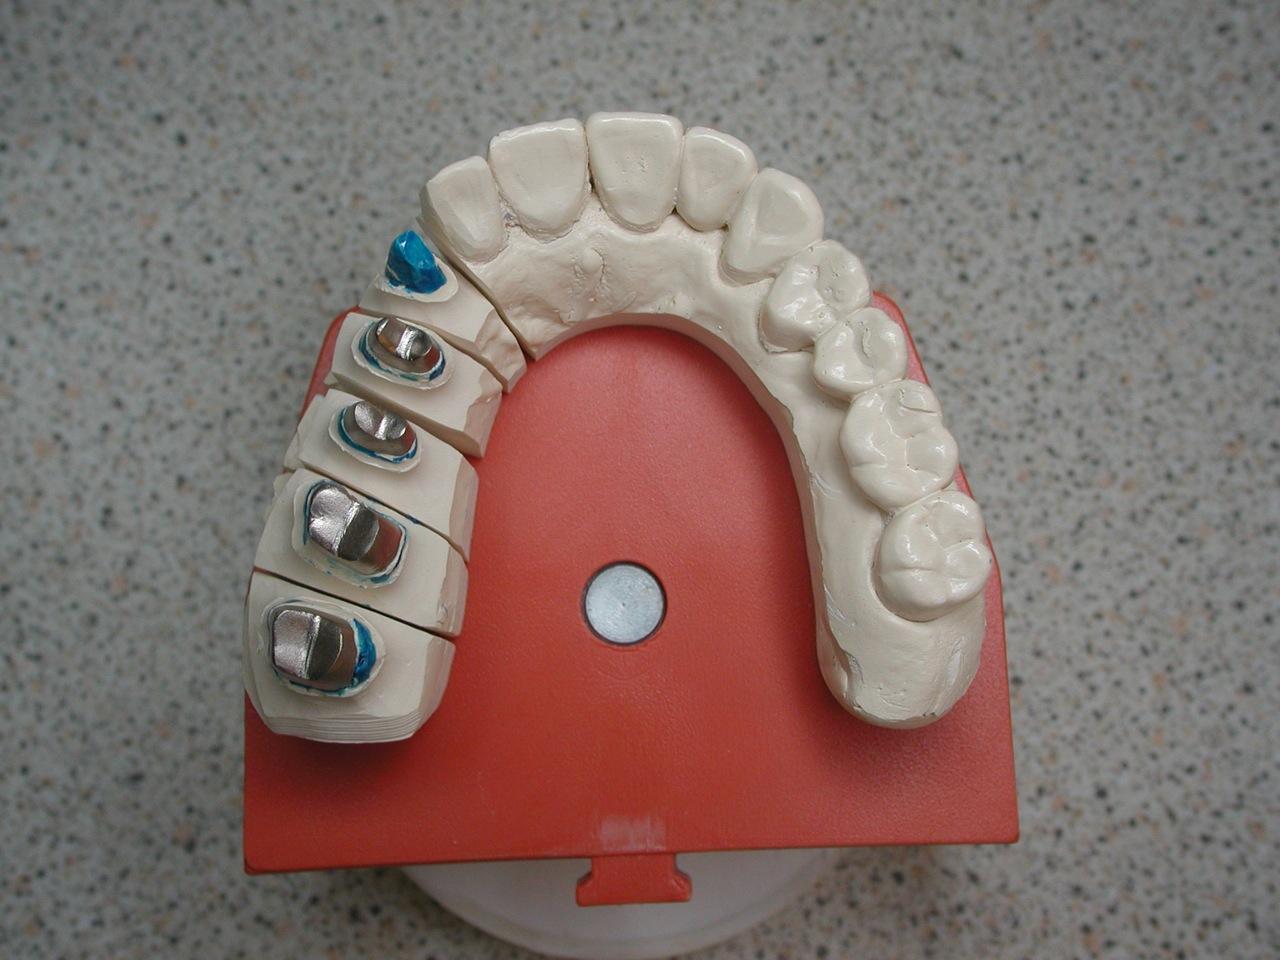 Prothèse dentaire : quels sont ses principaux types ?